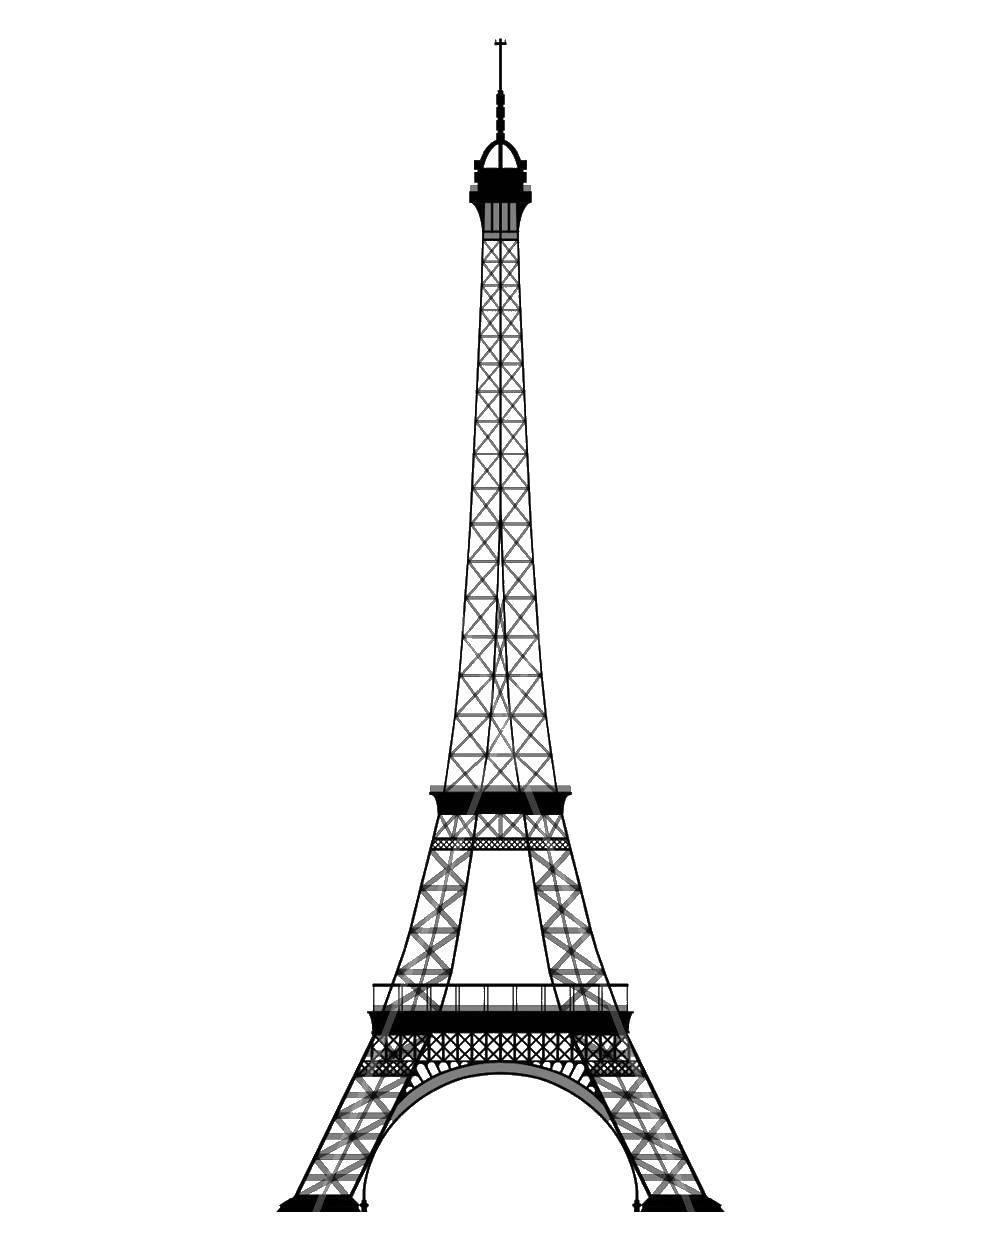 Название: Раскраска Эйфелева башня. Категория: раскраски. Теги: достопримечательности, Париж, Эйфелева башня.